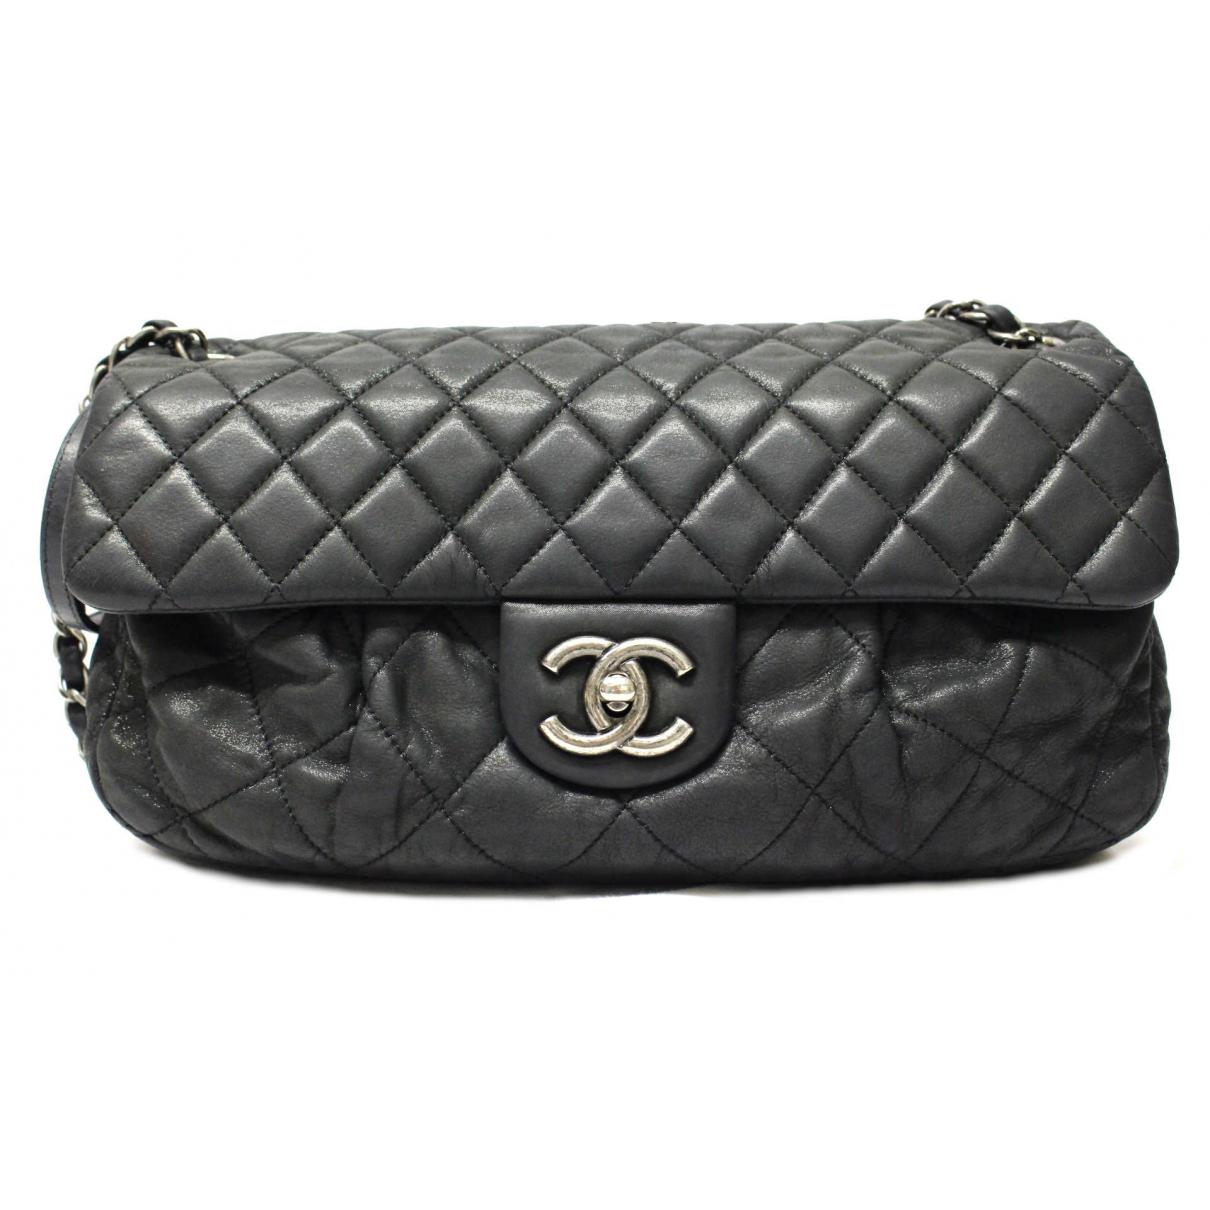 Chanel - Sac a main Timeless/Classique pour femme en cuir